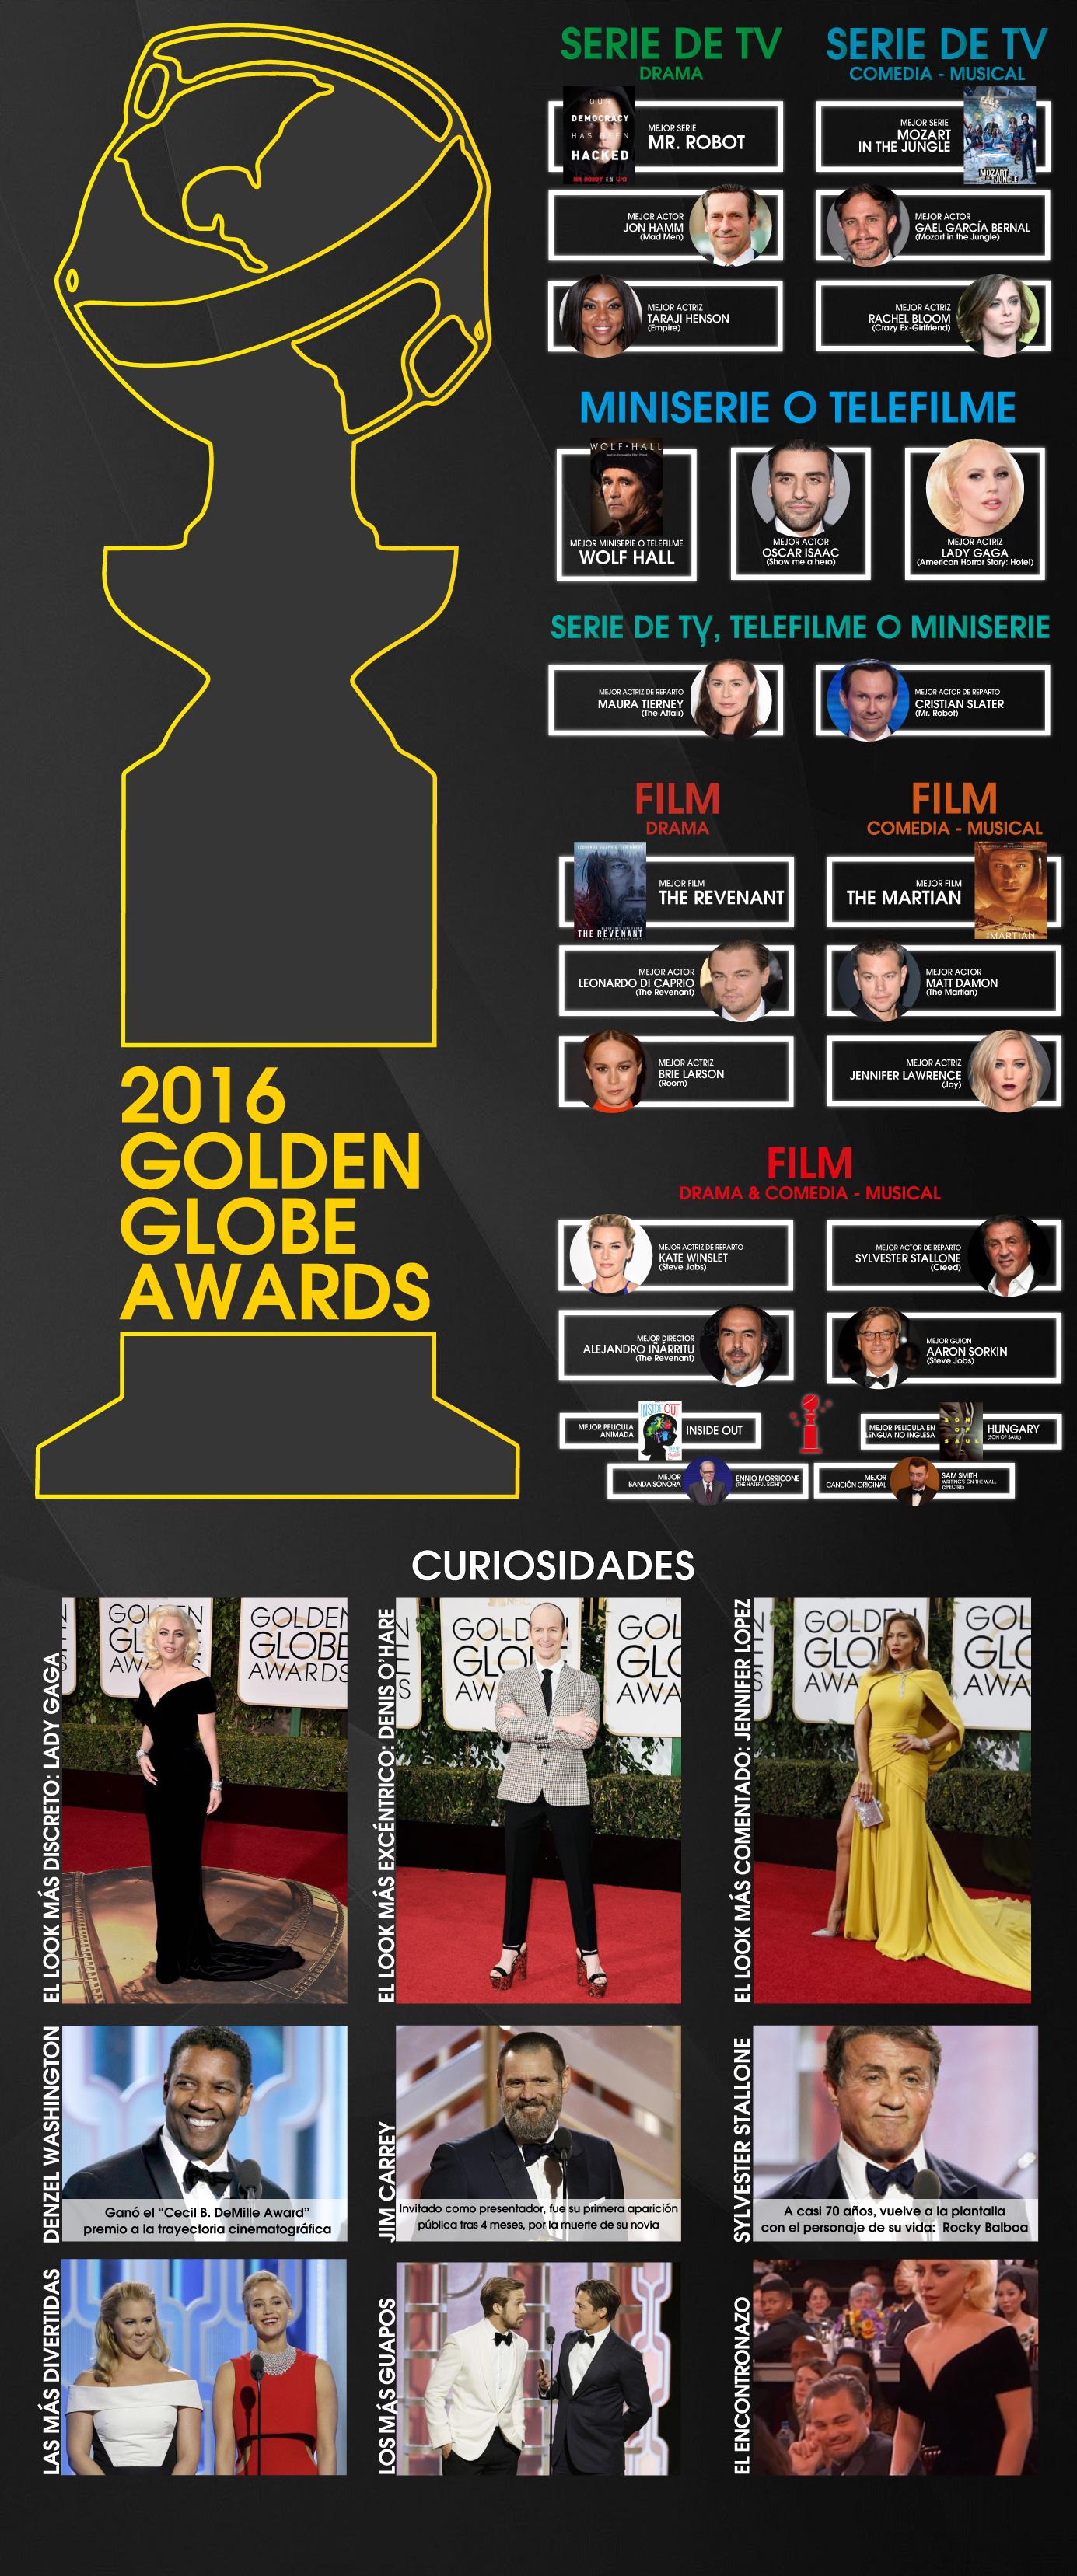 Globos de Oro de 2016